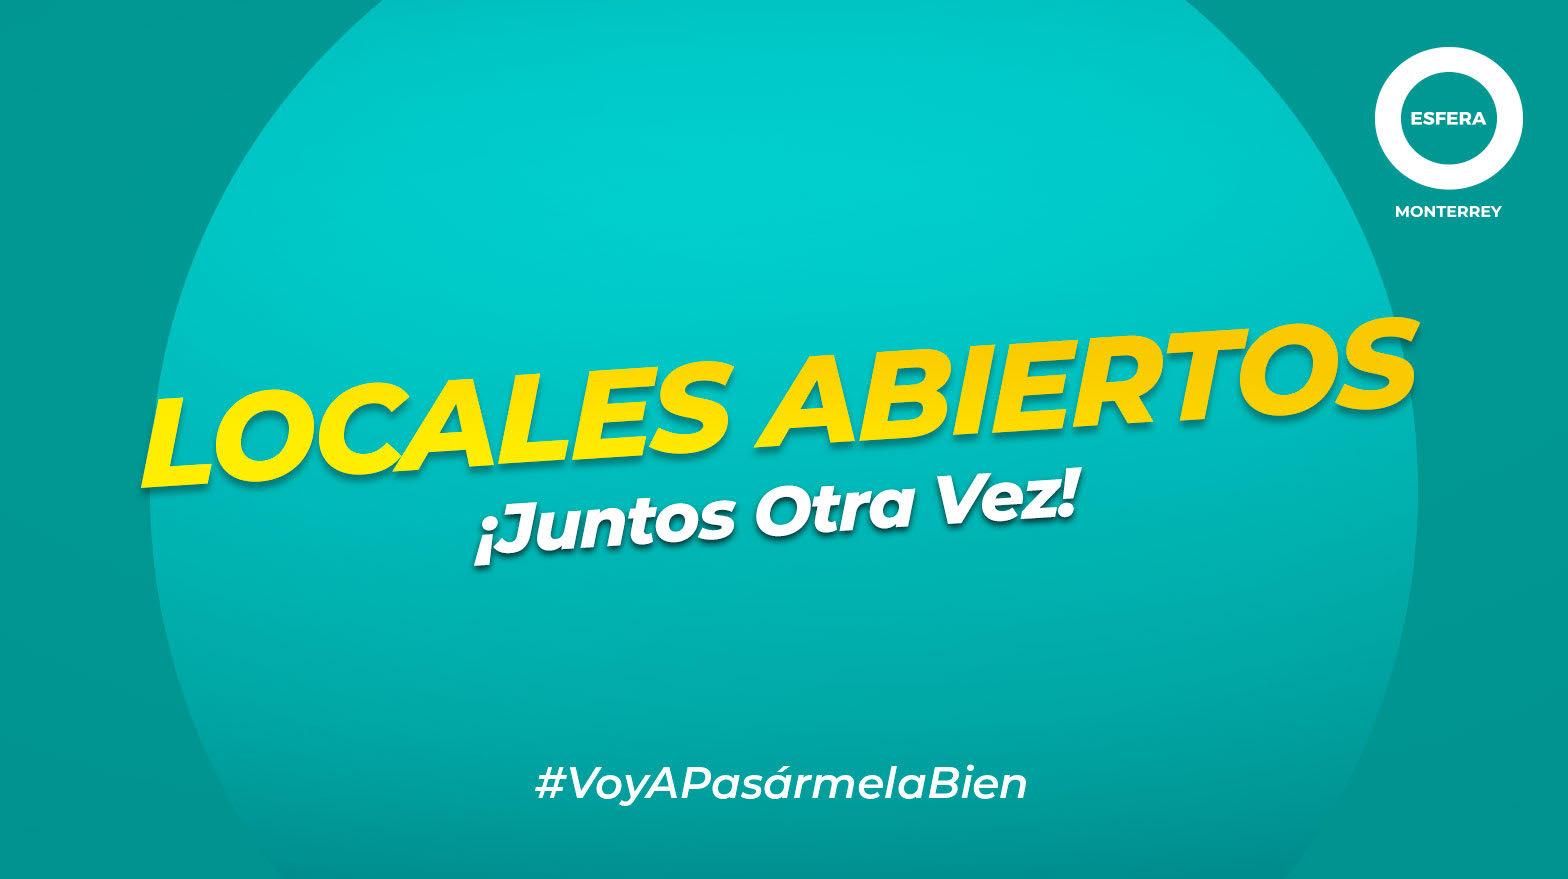 Life Centers - Estos son los locales abiertos en Esfera Monterrey.